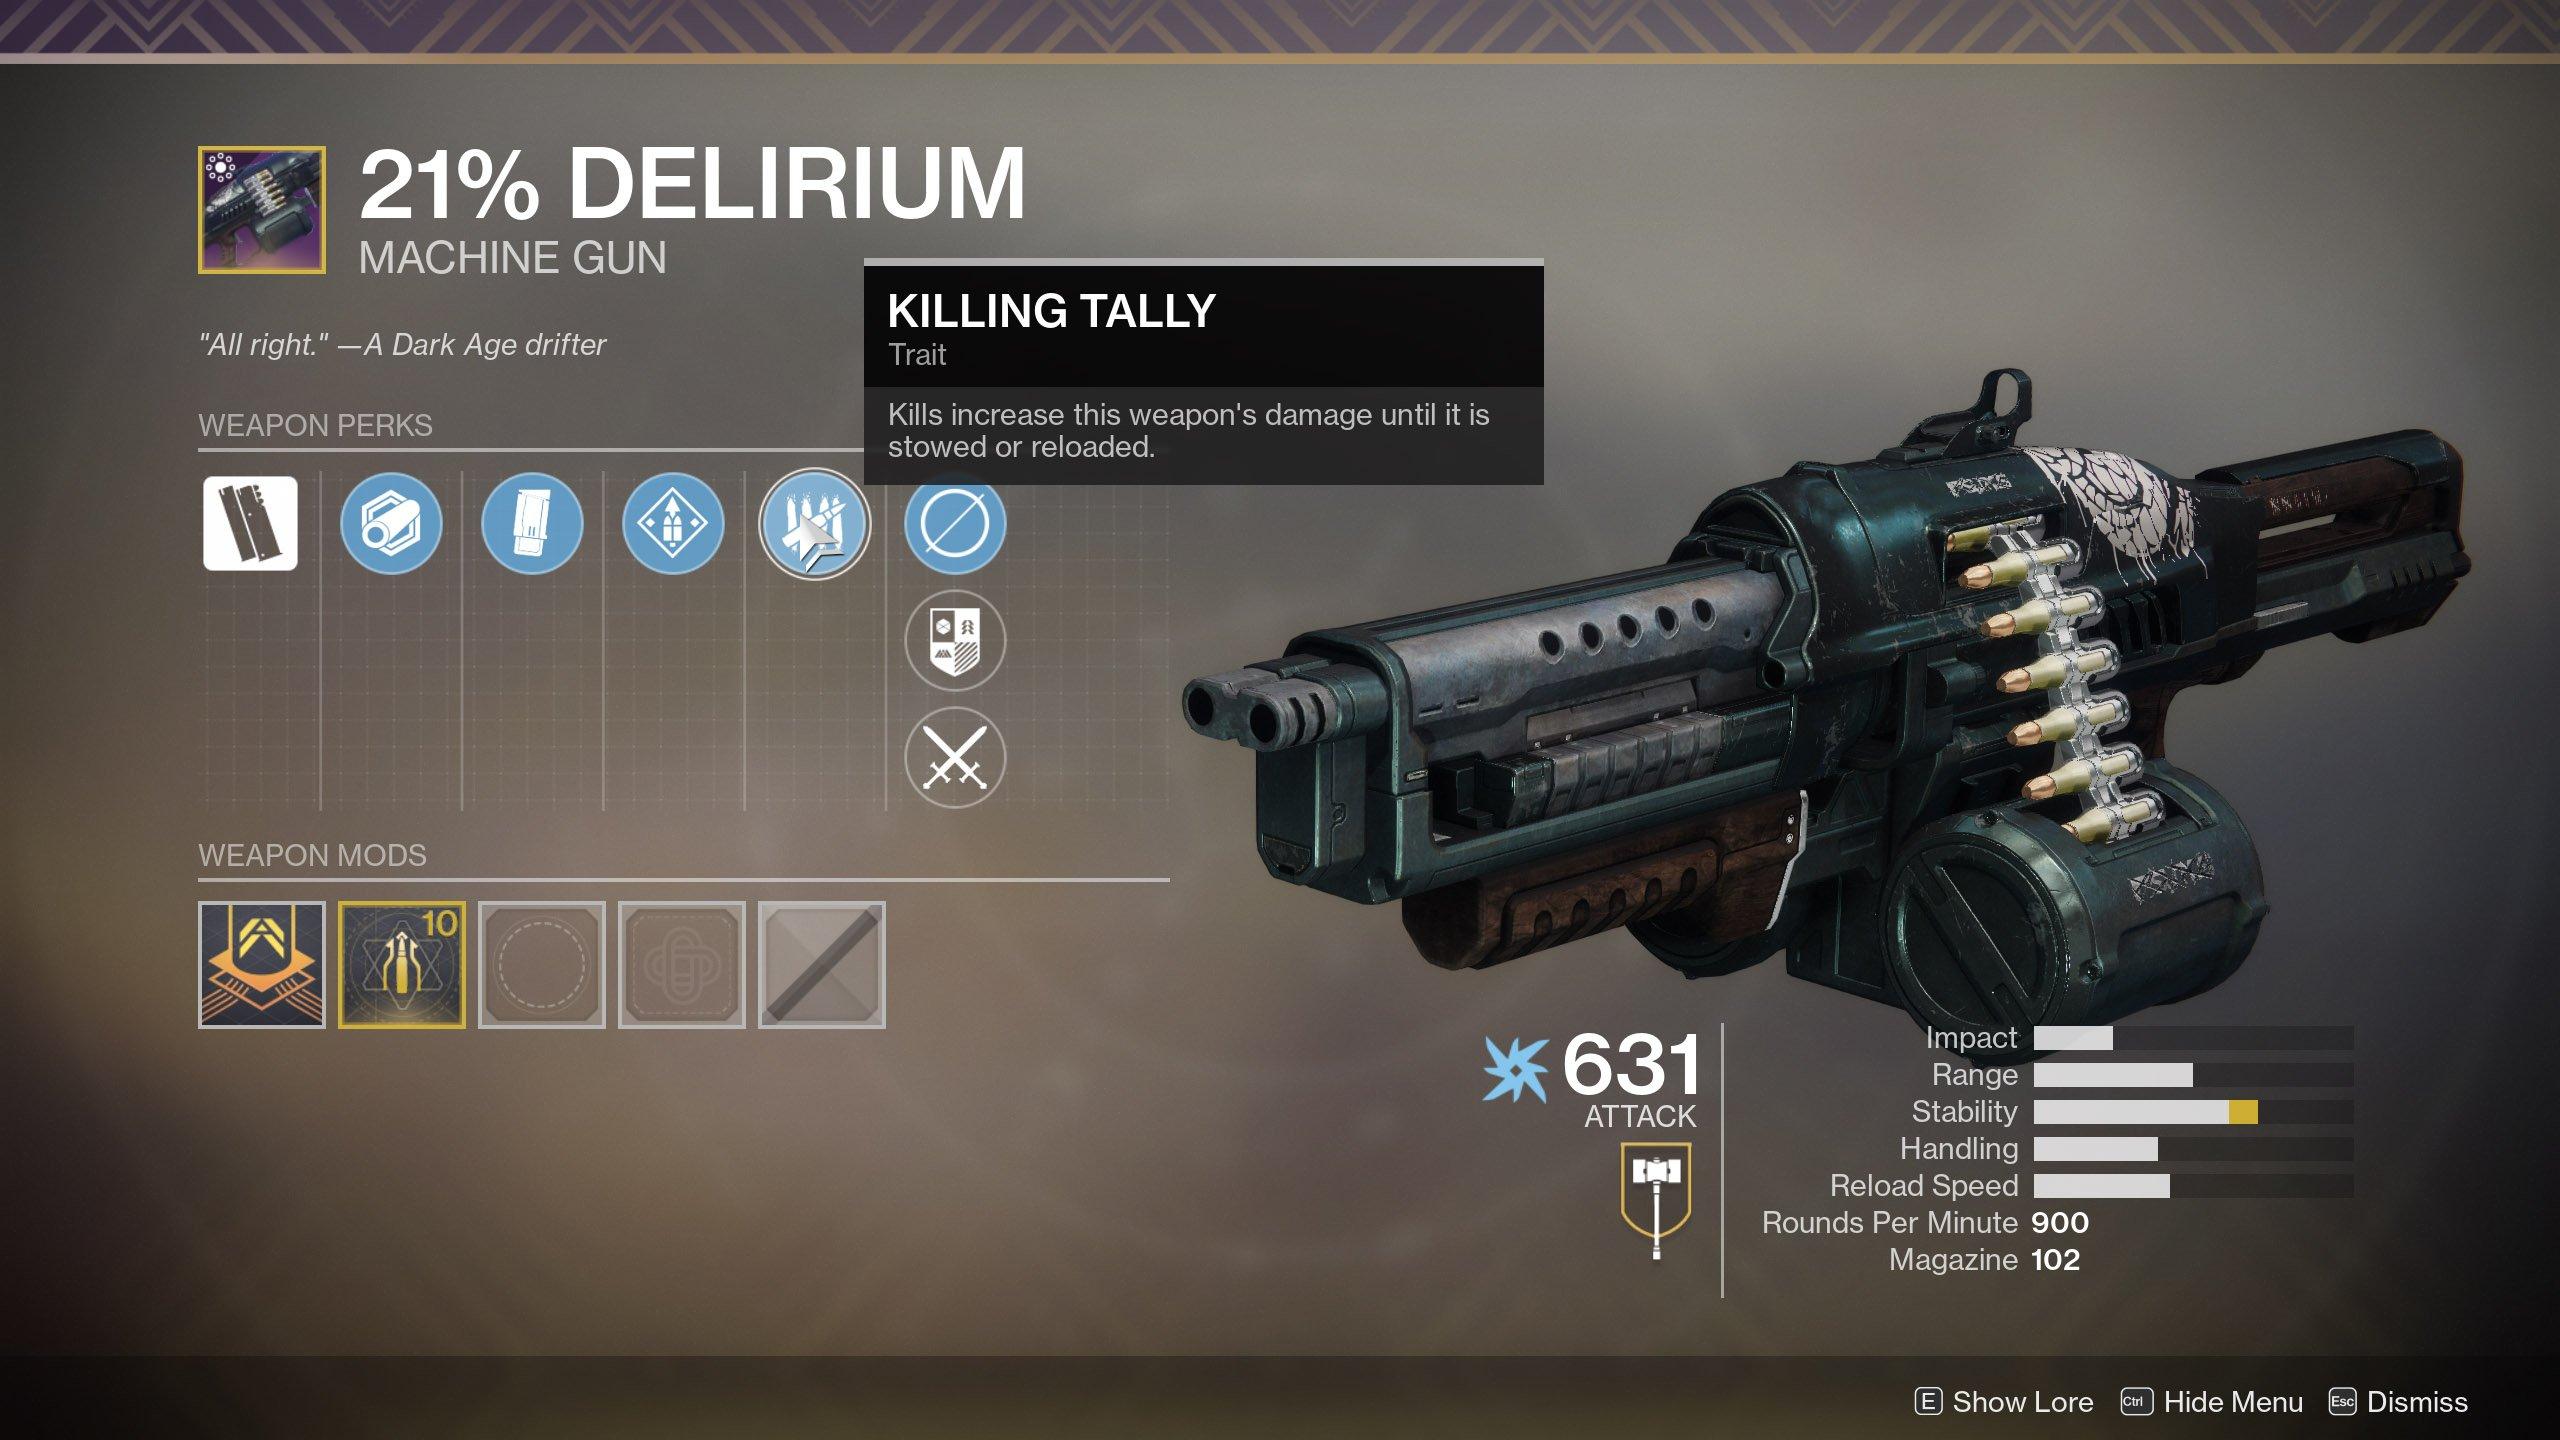 Destiny 2 21 percent delirium perks 02